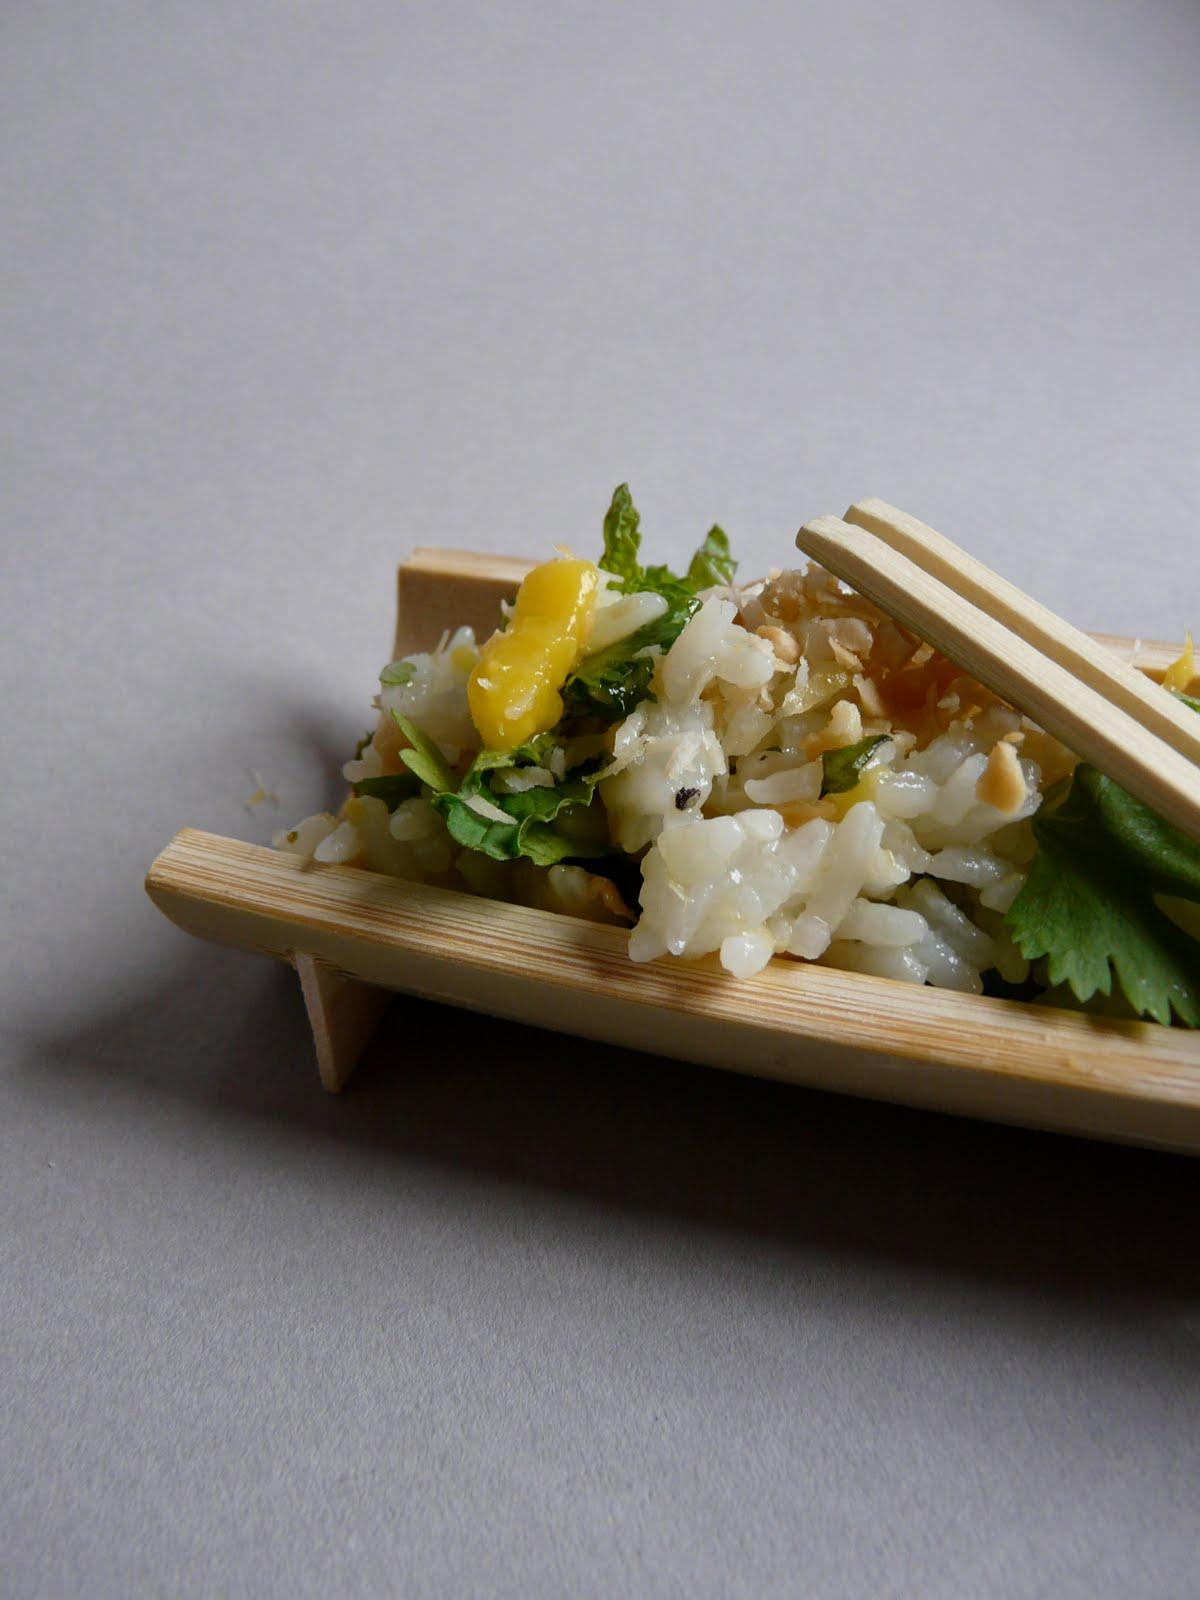 On dine chez nanou salade de riz tr s fra che la mangue coriandre menthe pour les - Recette fraiche pour l ete ...